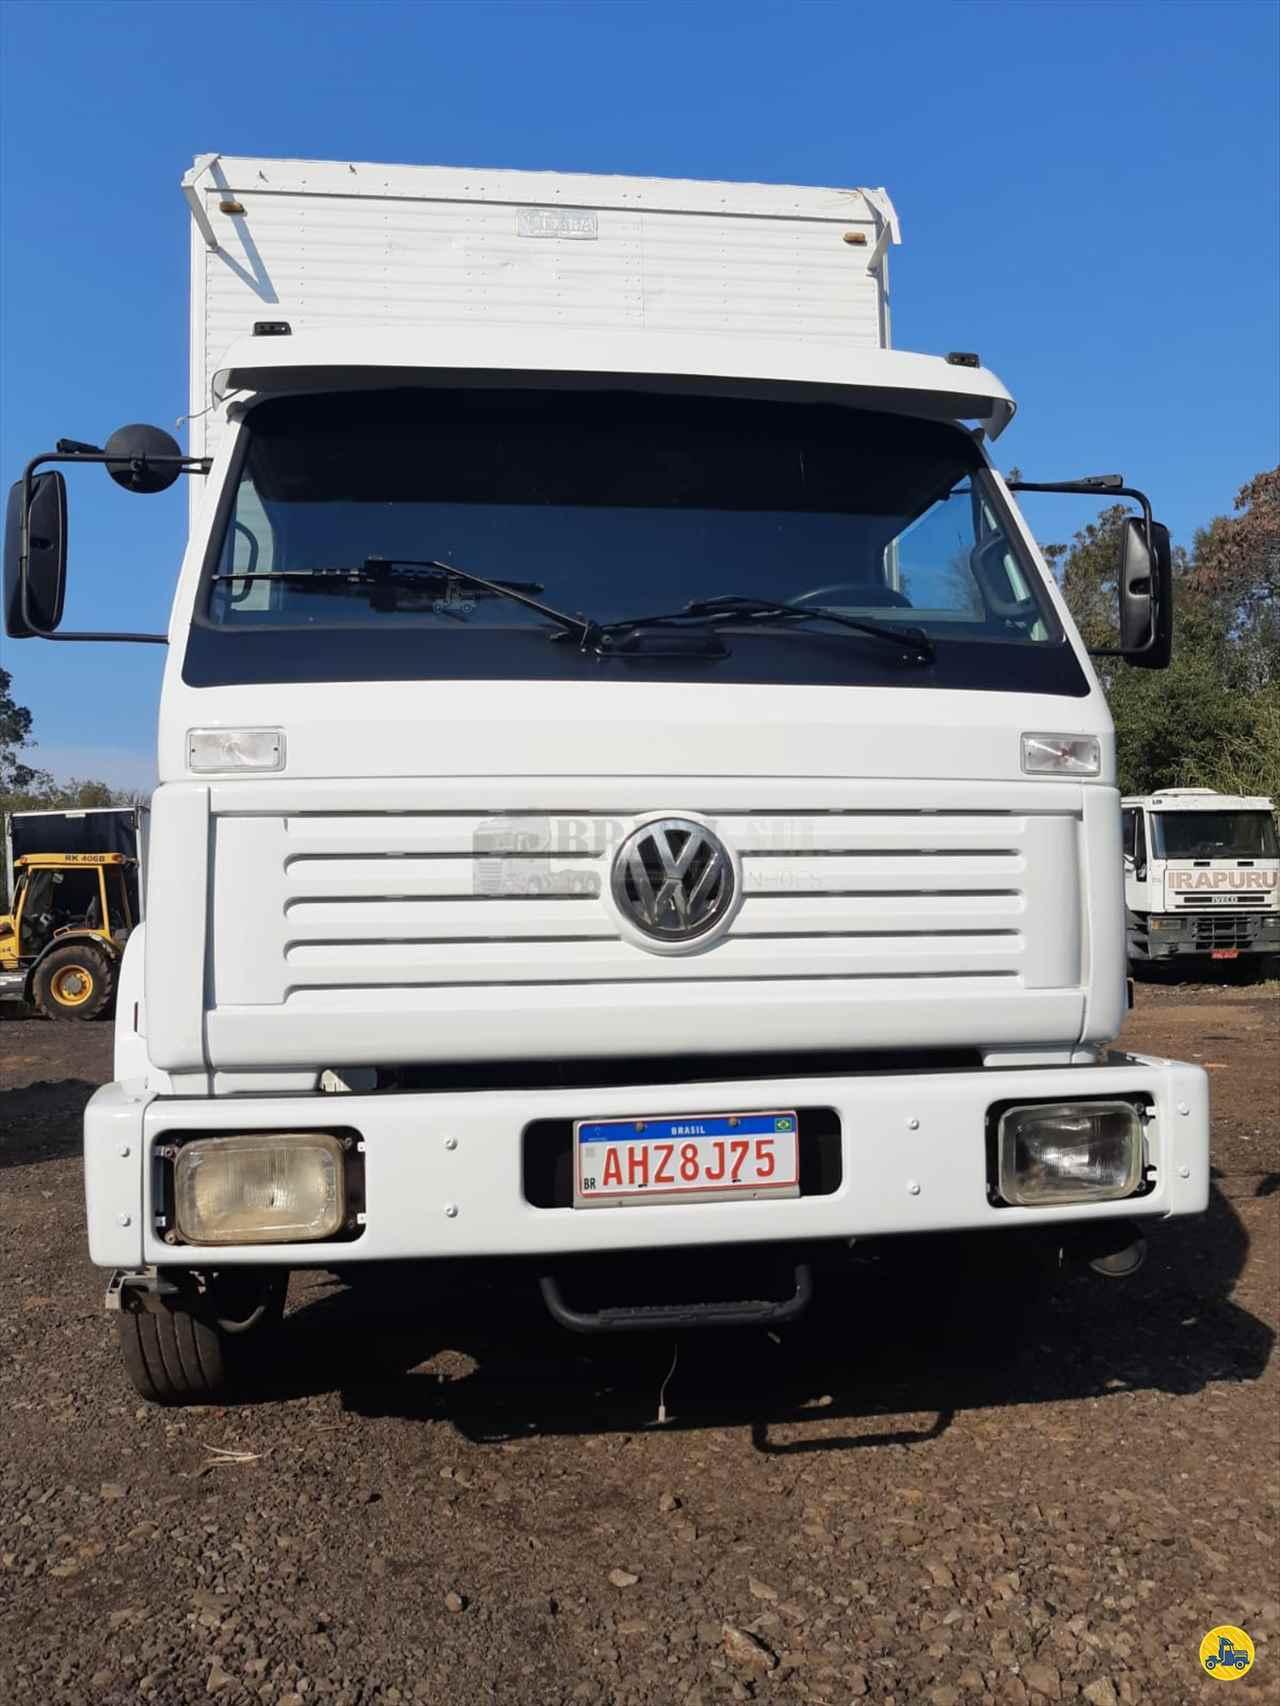 CAMINHAO VOLKSWAGEN VW 16200 Baú Furgão Truck 6x2 Brasil Sul Caminhões PORTAO RIO GRANDE DO SUL RS